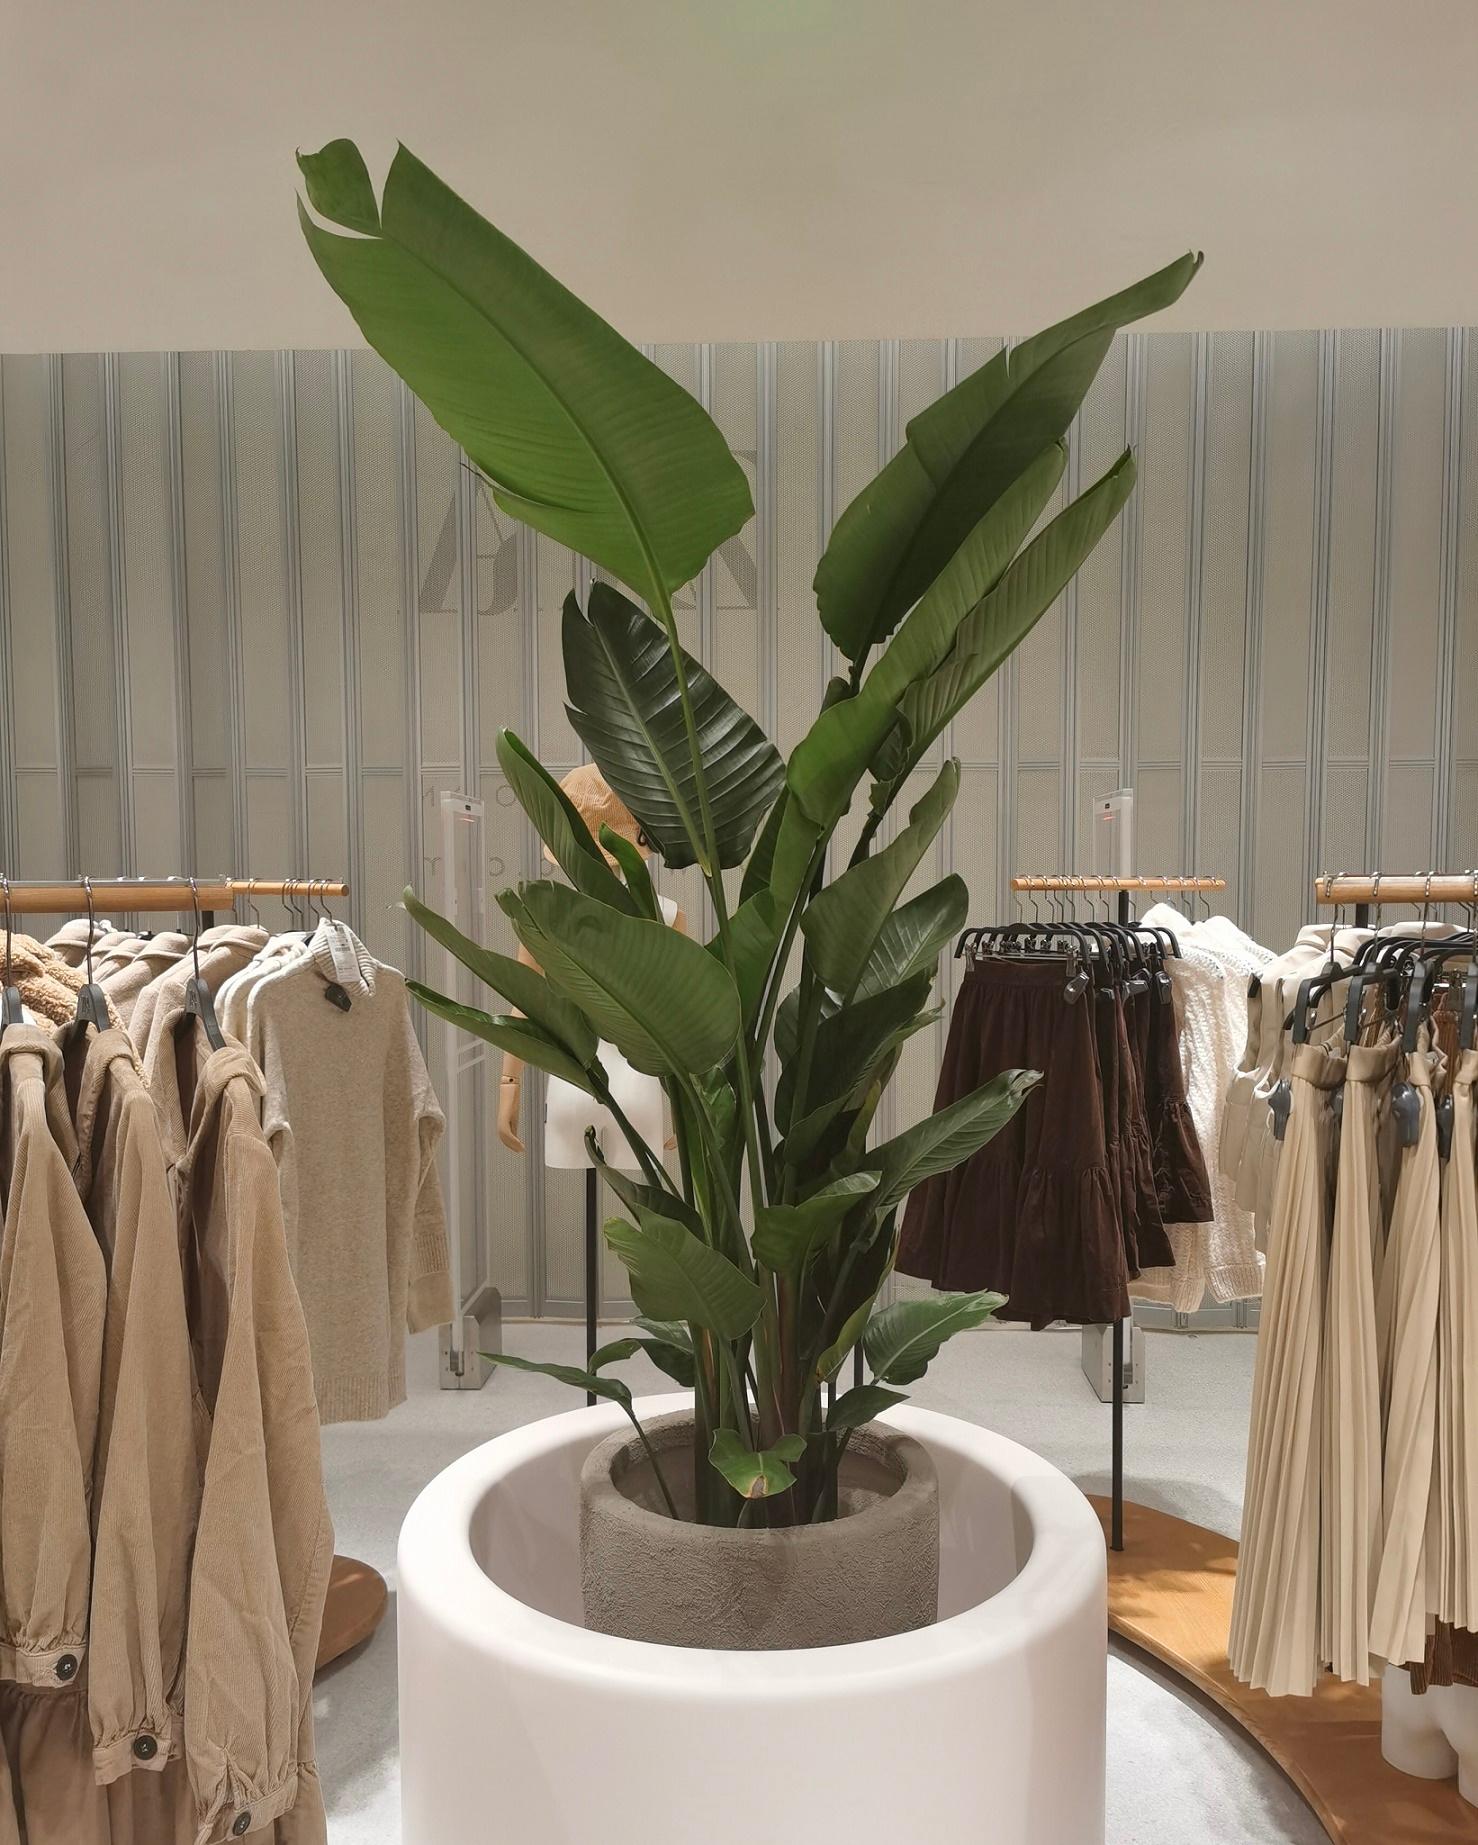 浦東企業室內綠化怎么收費